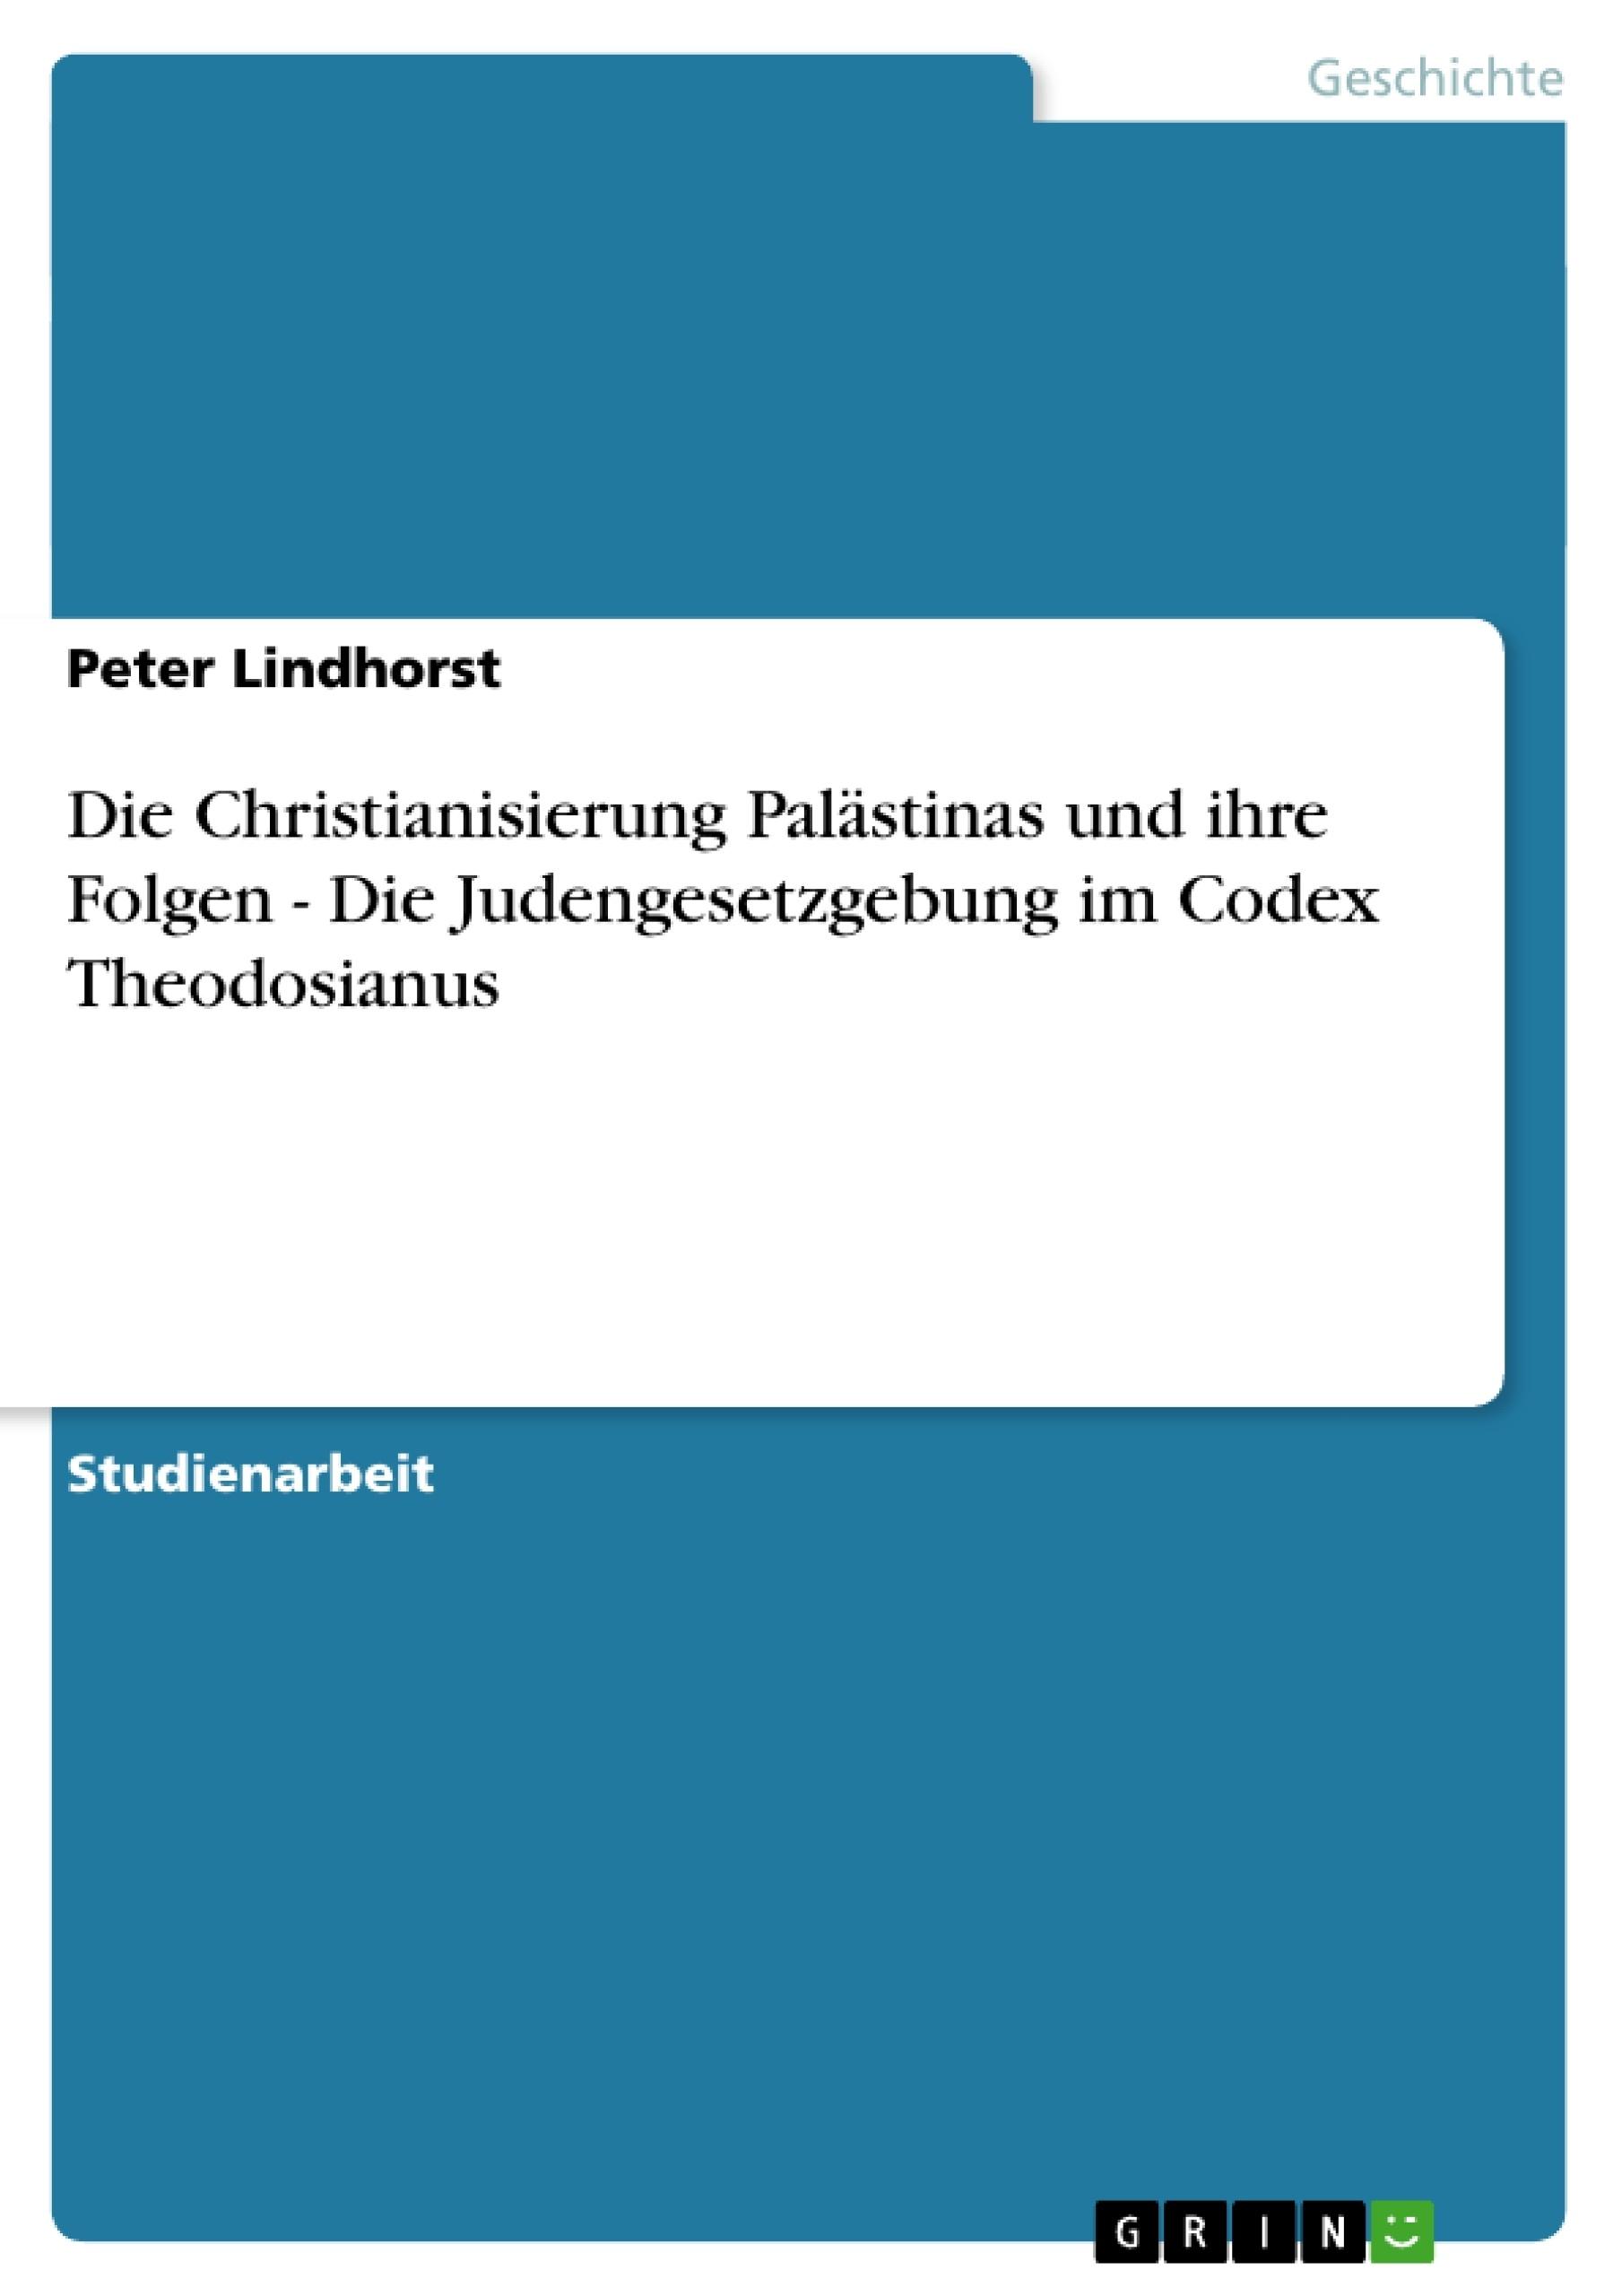 Titel: Die Christianisierung Palästinas und ihre Folgen - Die Judengesetzgebung im Codex Theodosianus